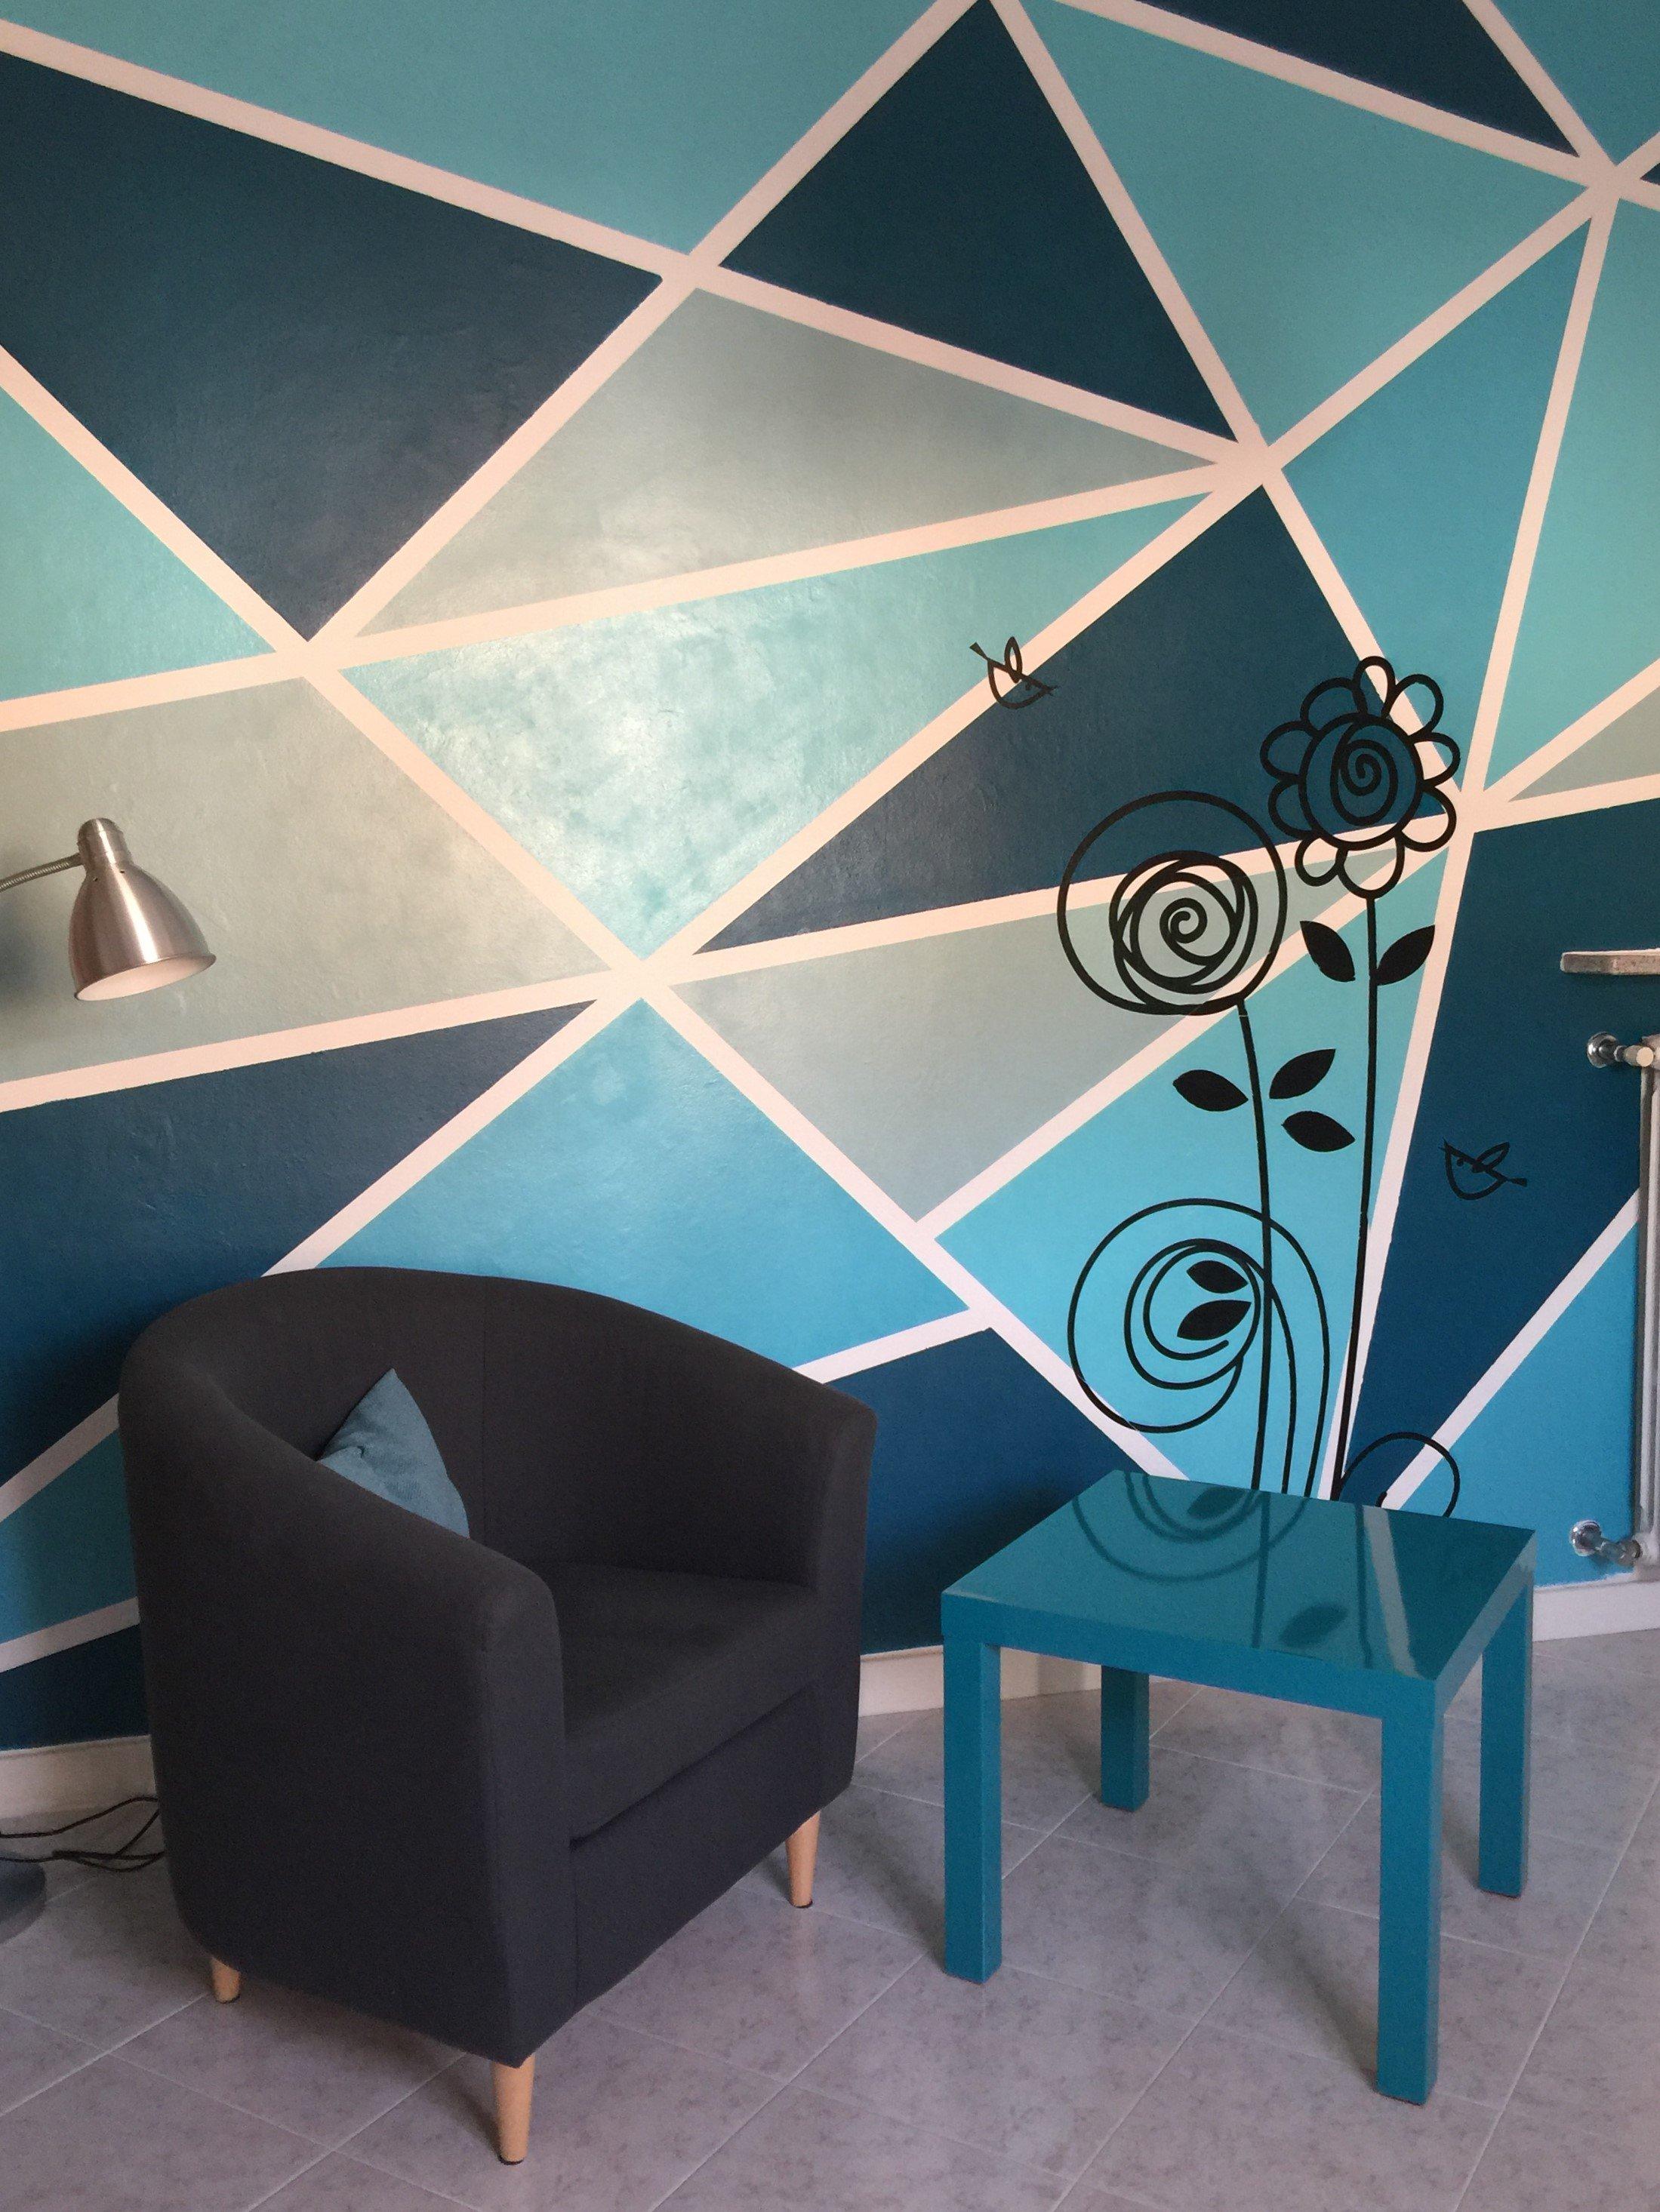 Tinteggiare la parete con una decorazione geometrica cose di casa - Decorare pareti con scritte ...